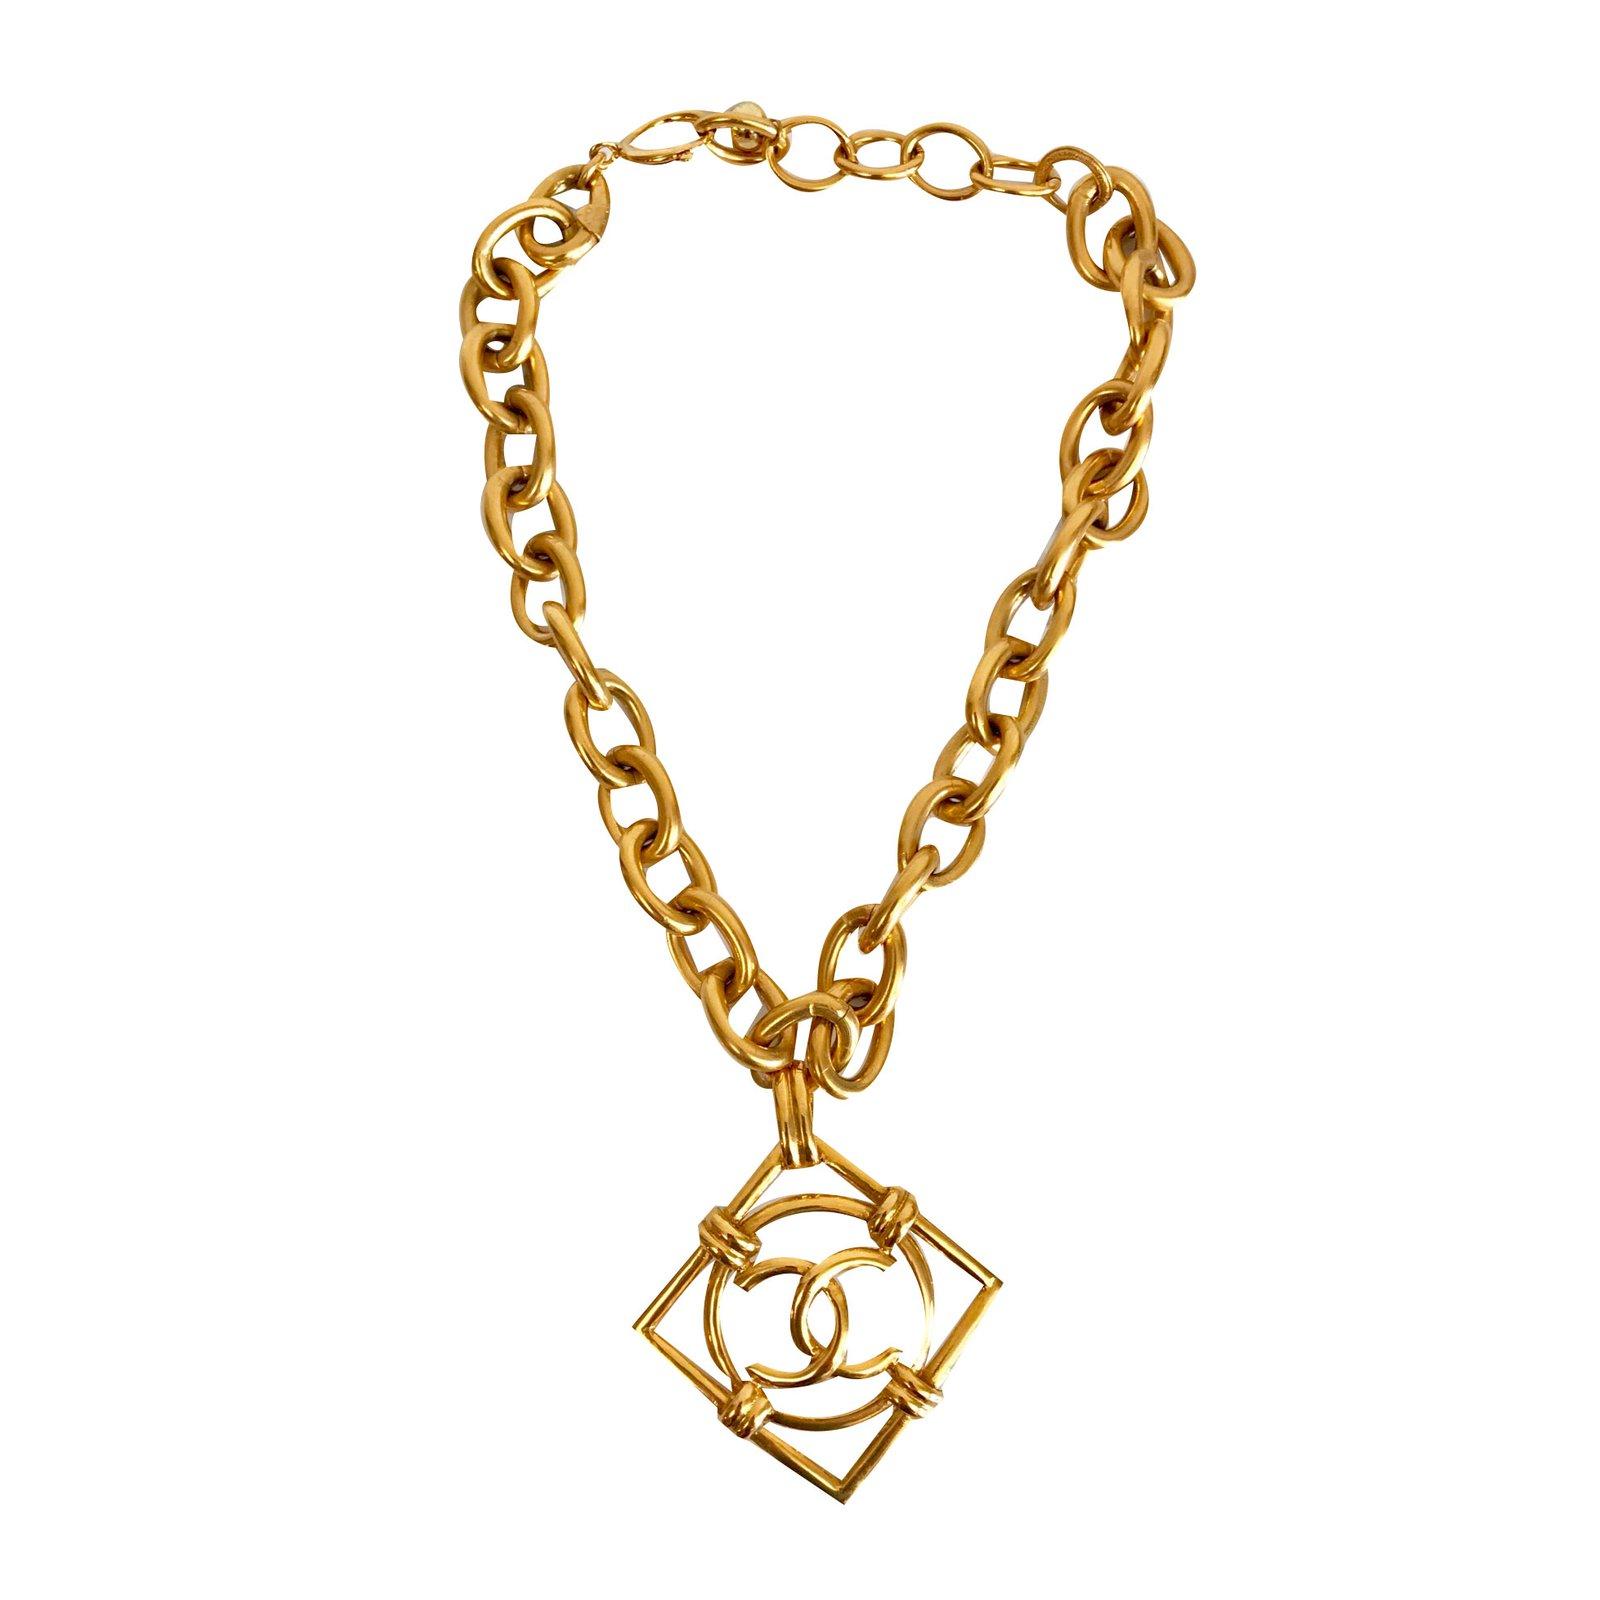 6698769a753dd Colliers Chanel Collier avec pendentif Métal Doré ref.75596 - Joli ...